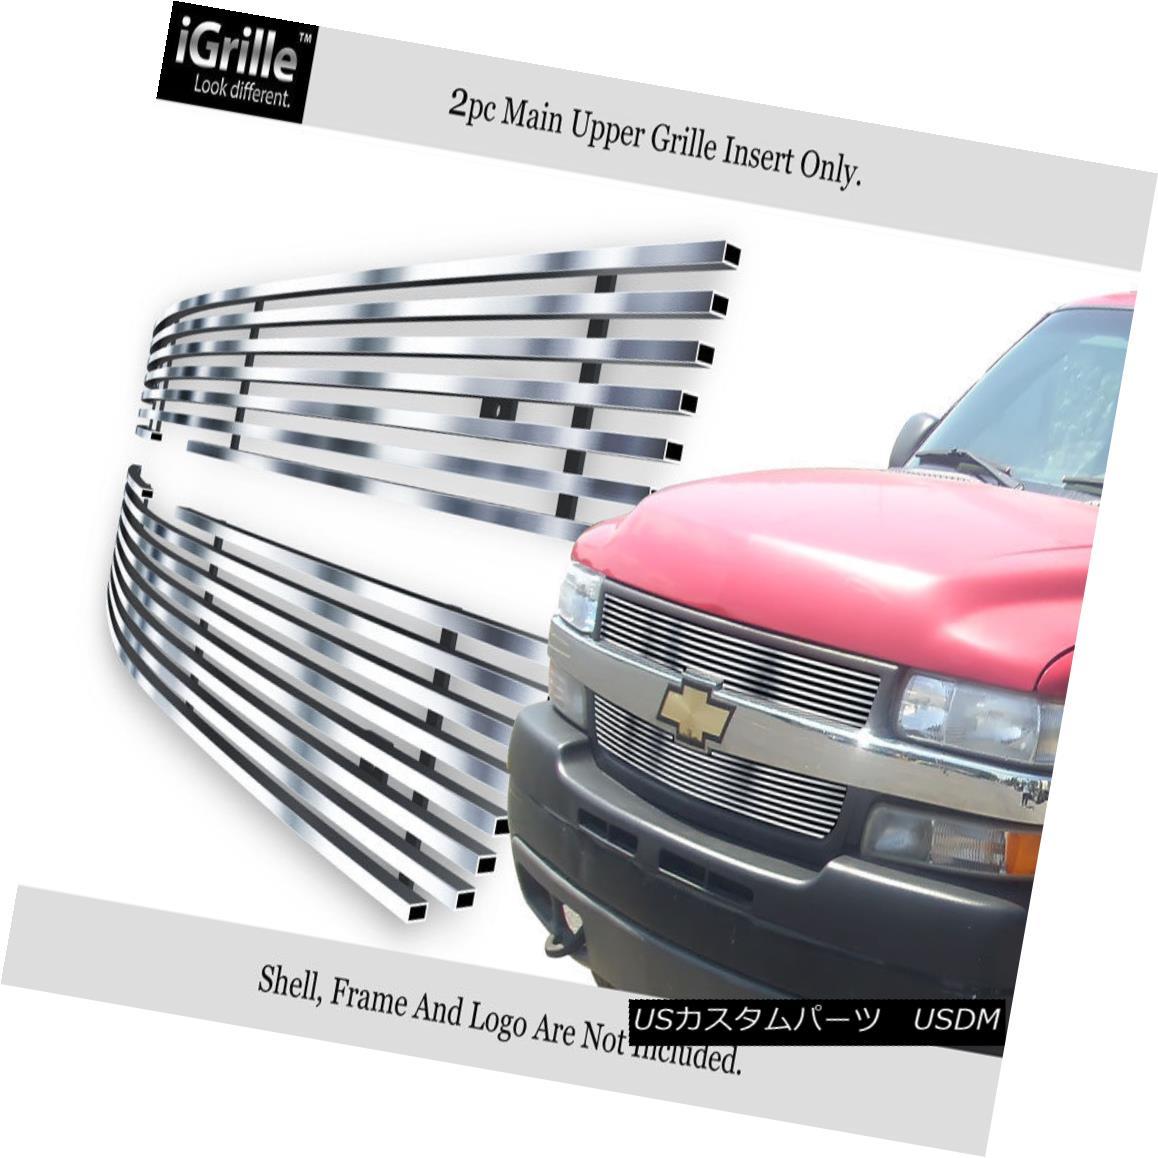 グリル Fits 2001-2002 Chevy Silverado 2500/3500 HD Stainless Steel Billet Grille 2001-2002 Chevy Silverado 2500/3500 HDステンレス鋼ビレットグリルに適合